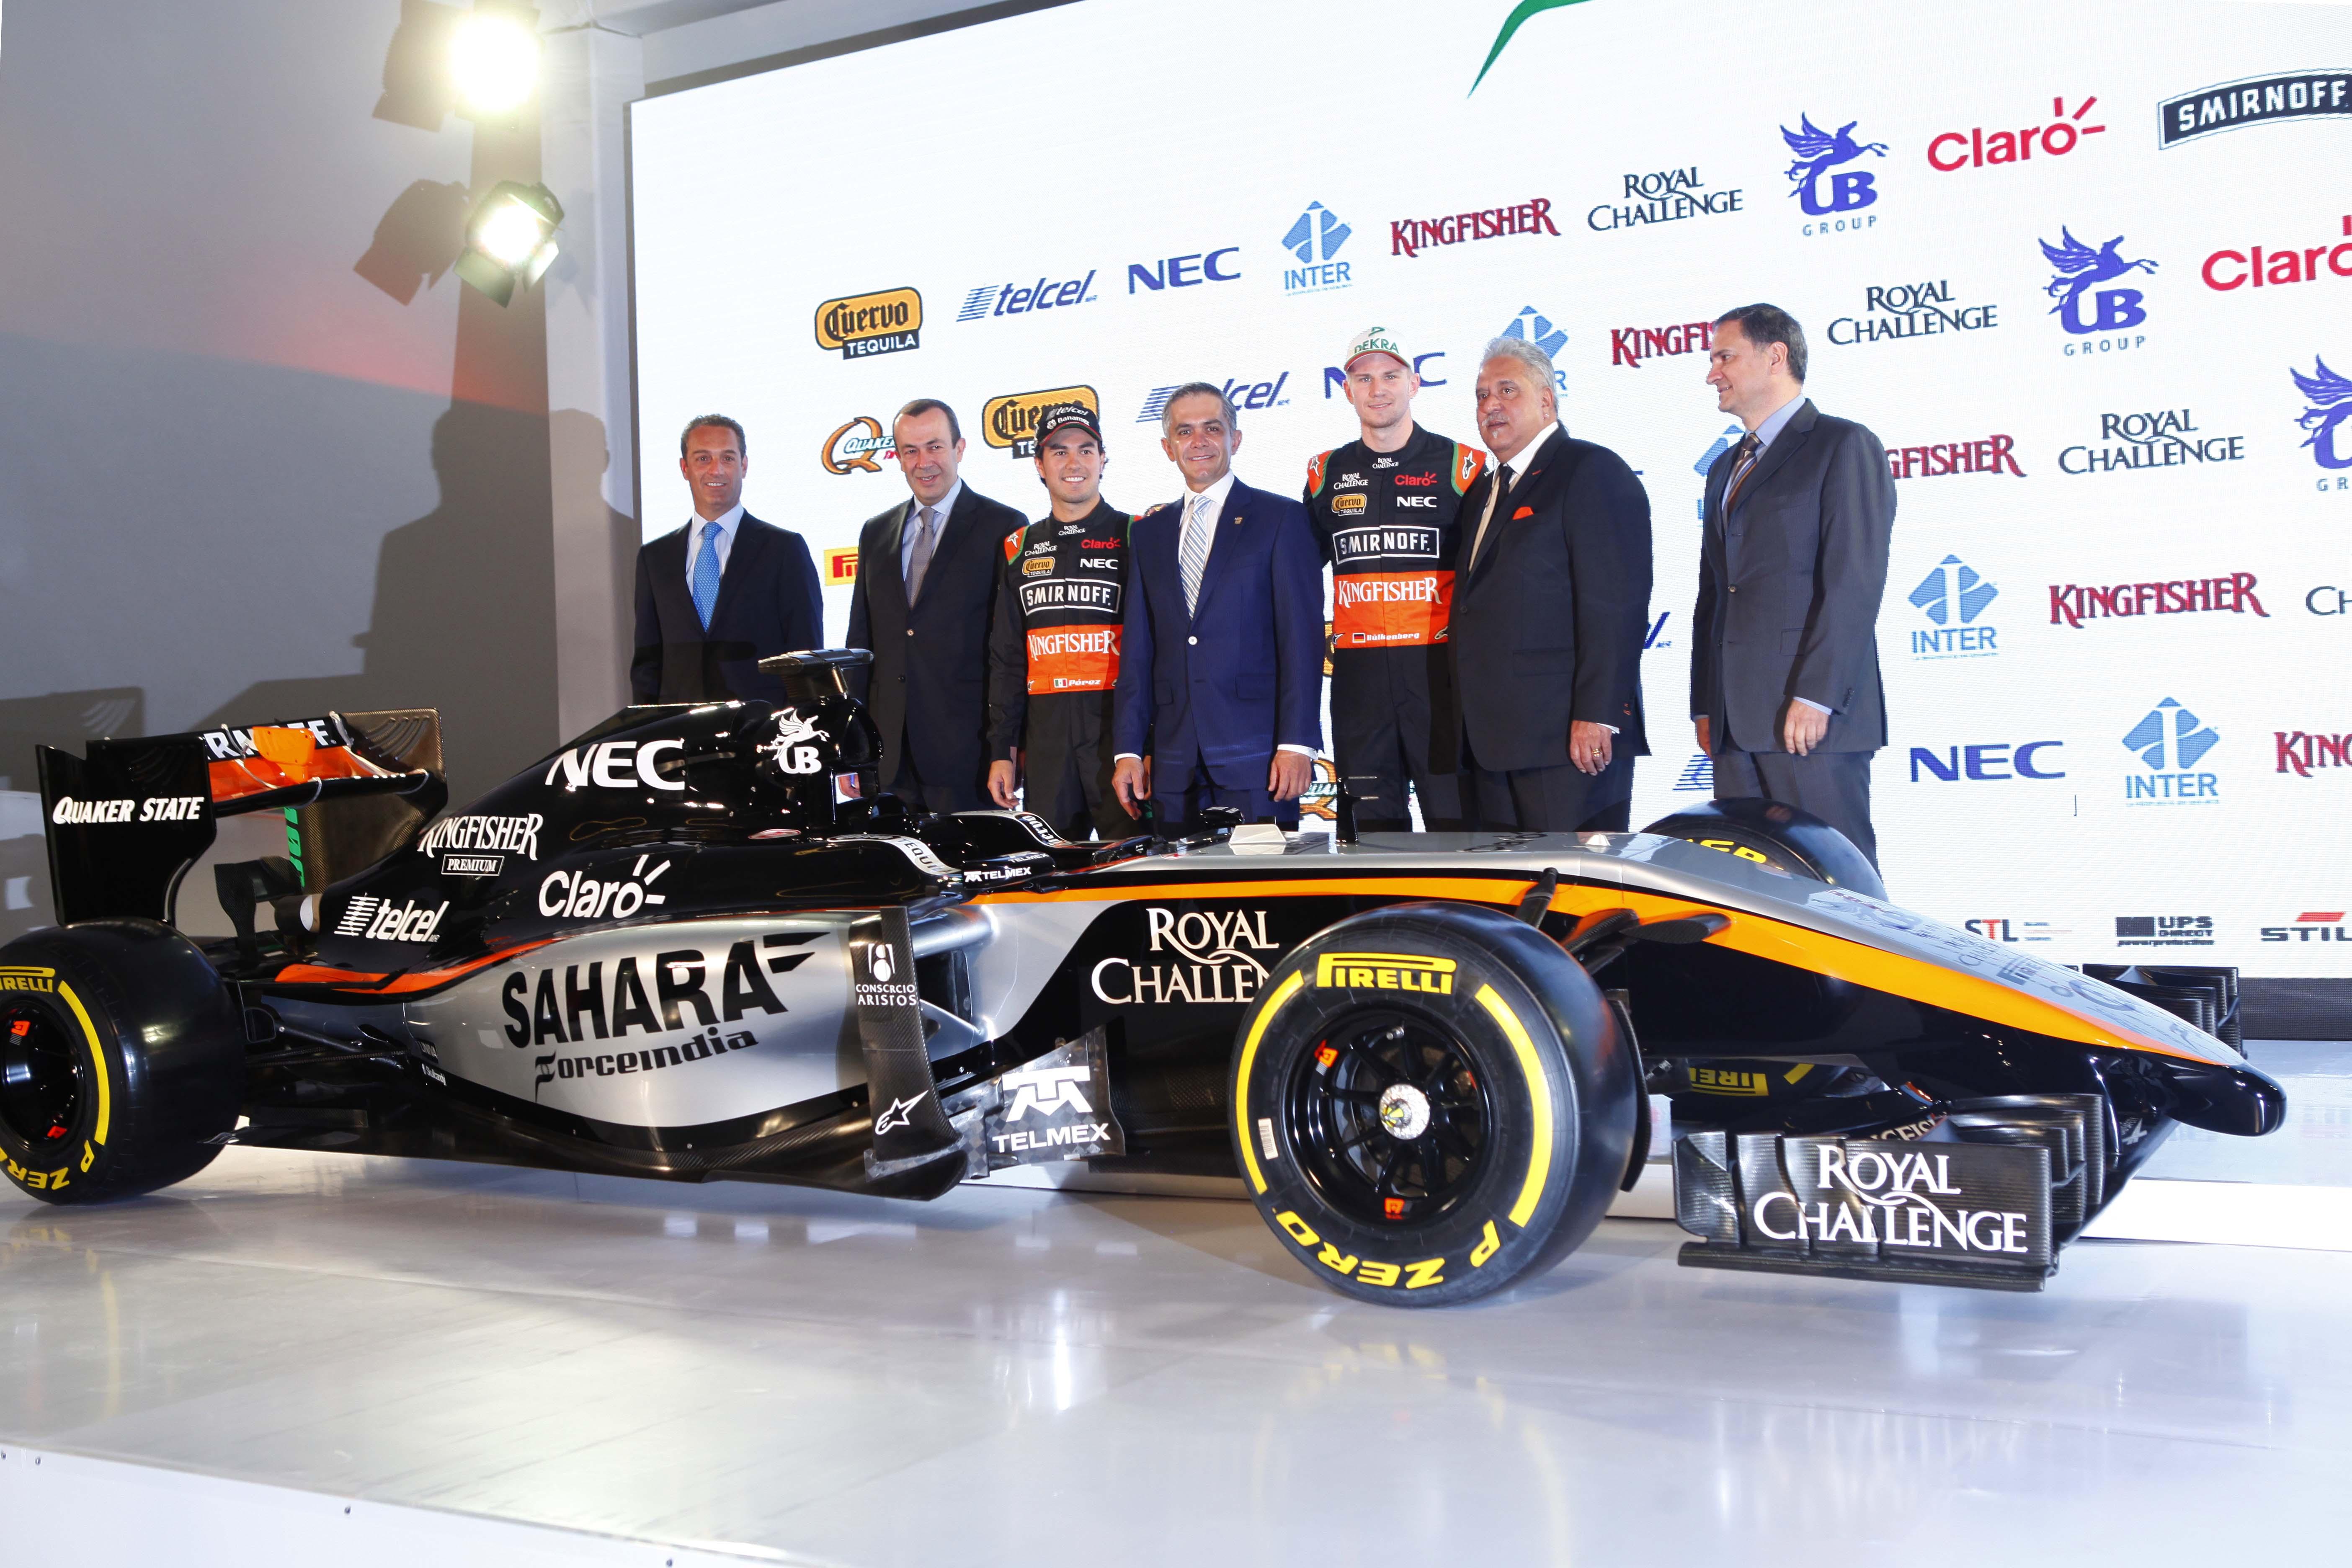 La realización de la Fórmula Uno generará más divisas, ingreso de turistas, y empleos.